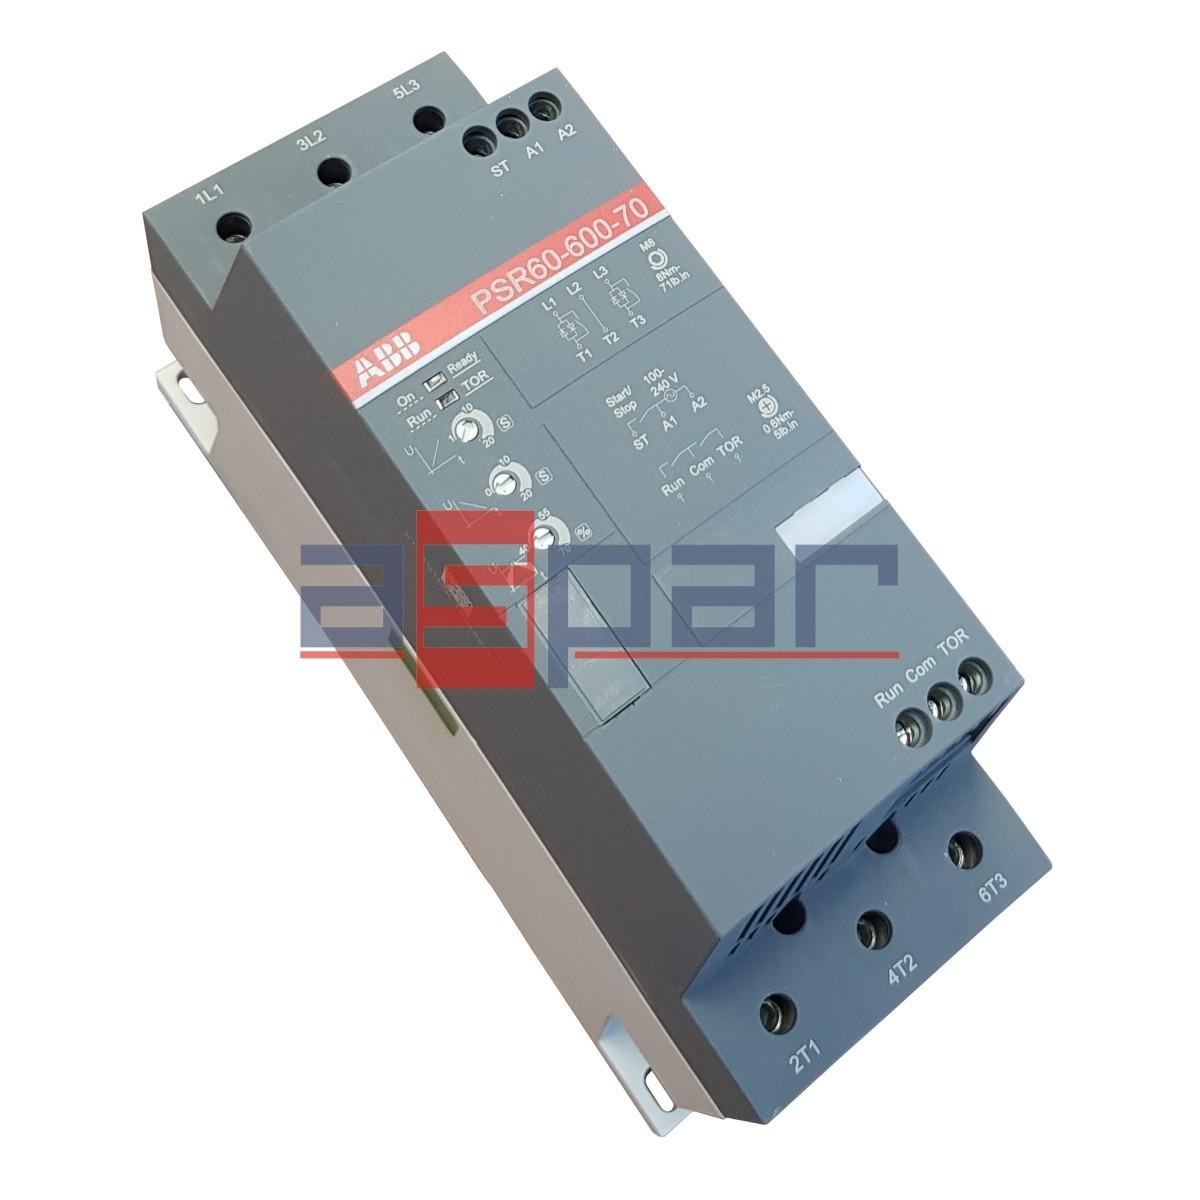 PSR60-600-70